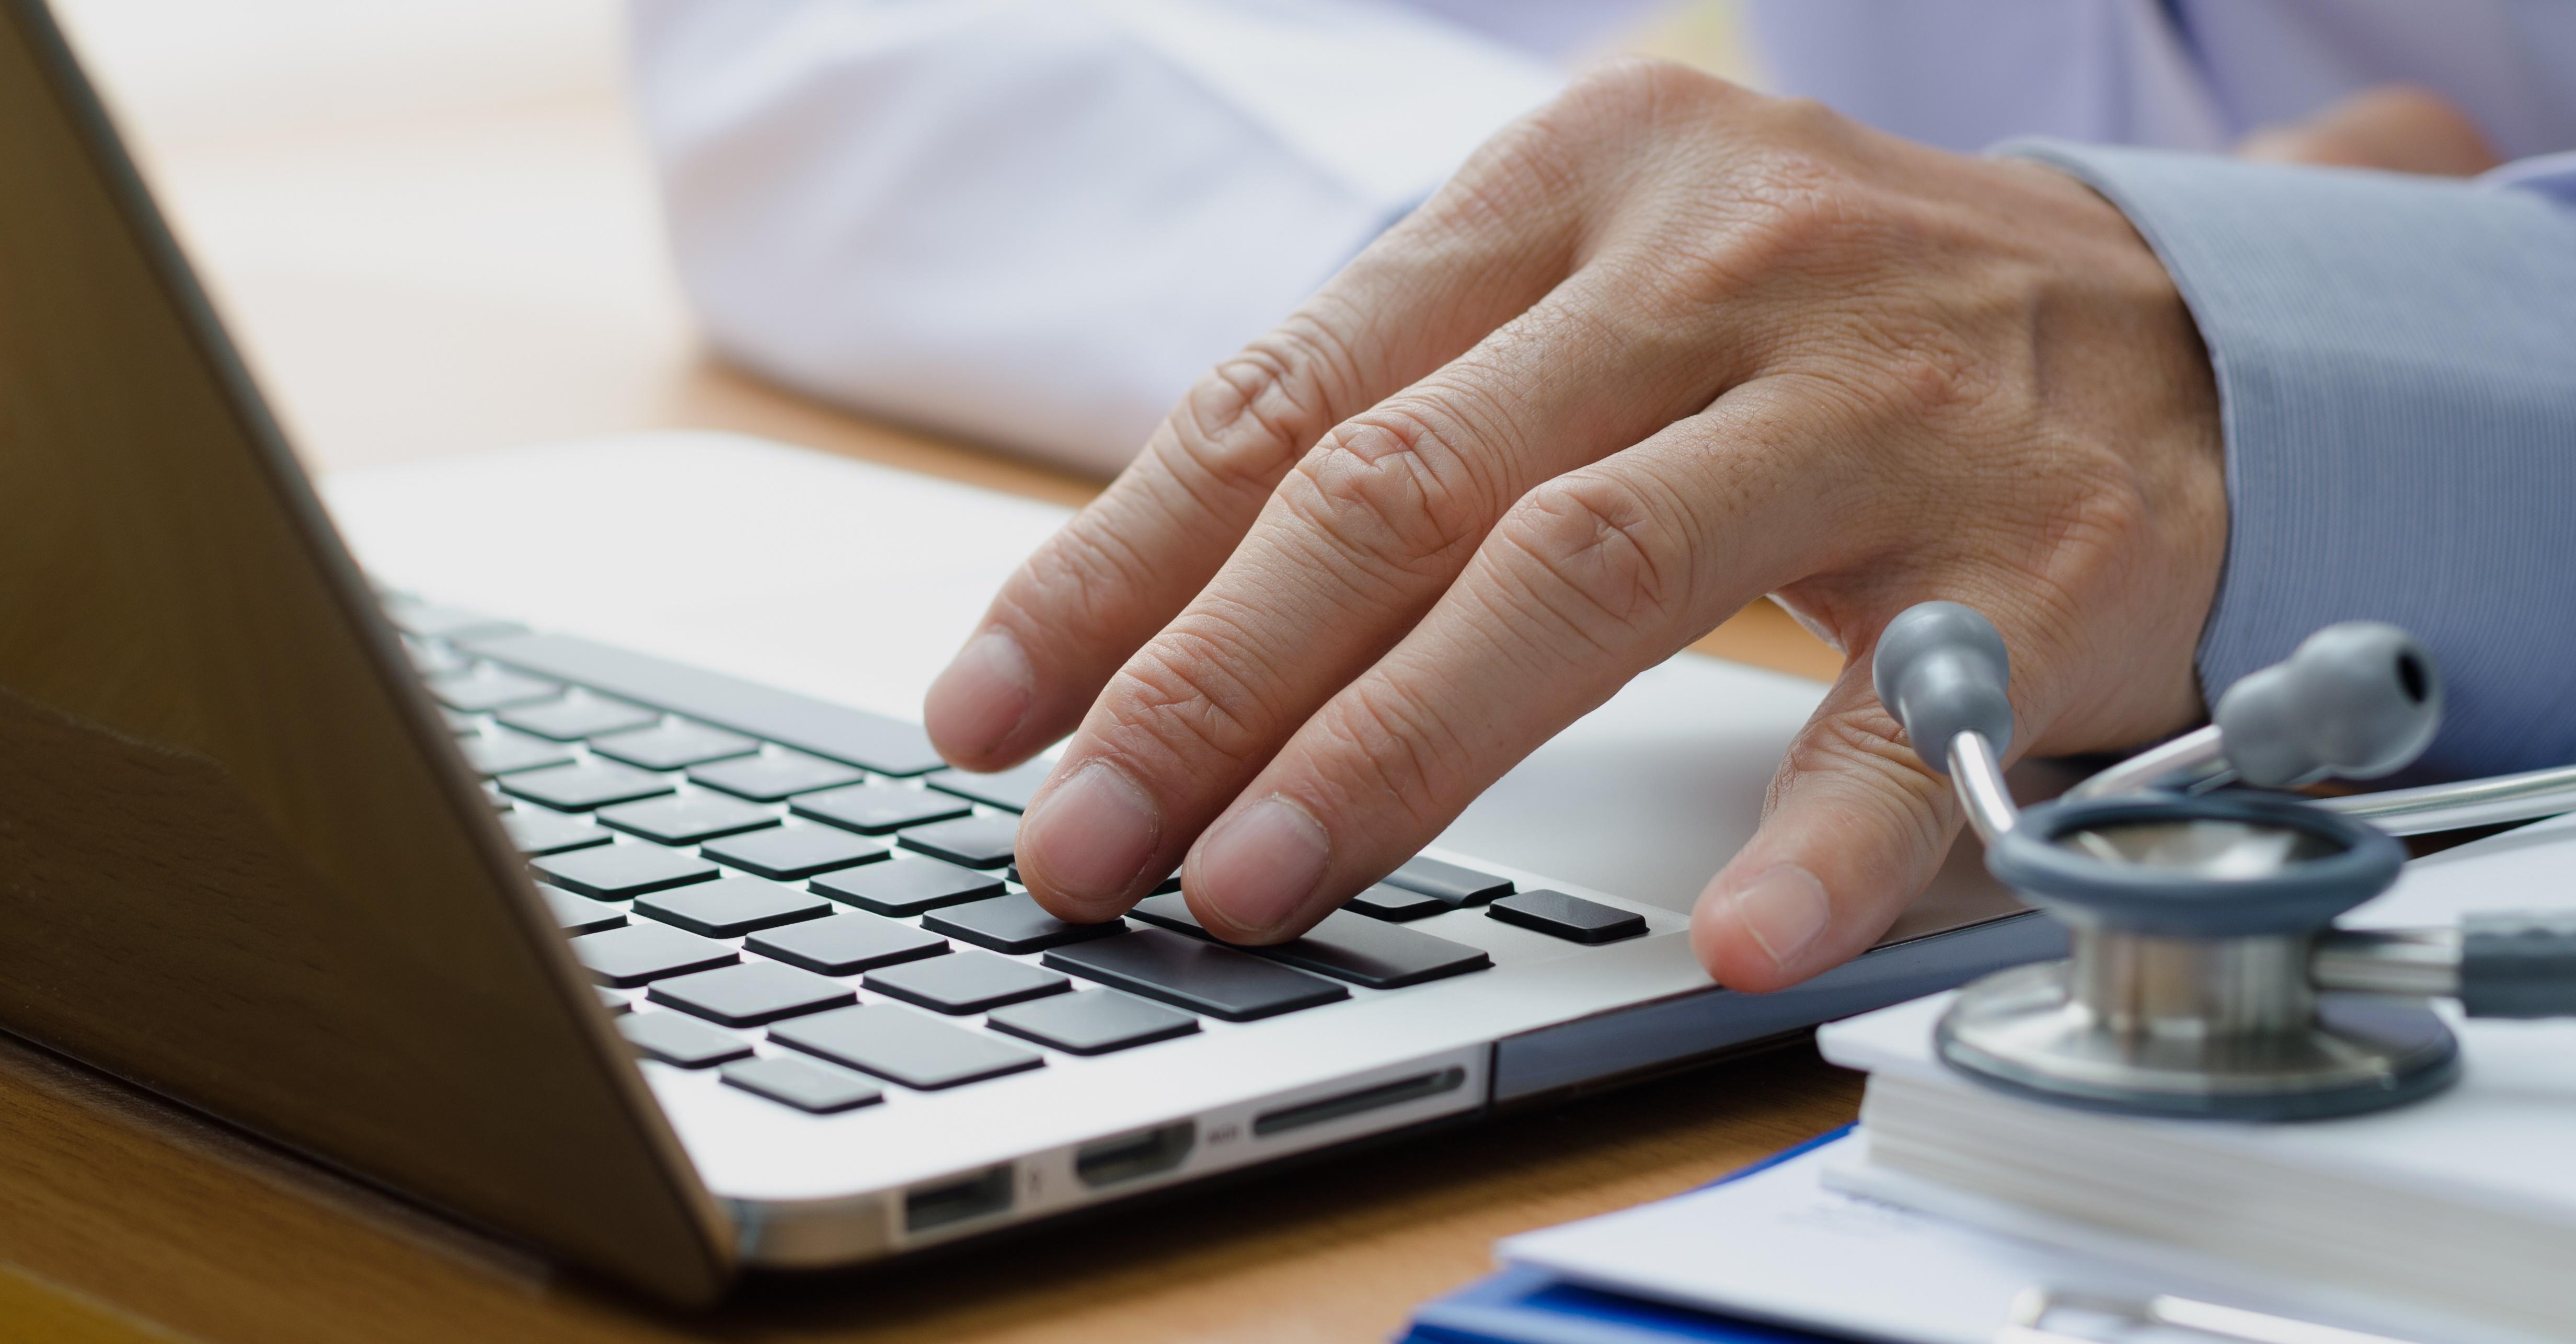 O que é telemedicina, como funciona e quais os benefícios?